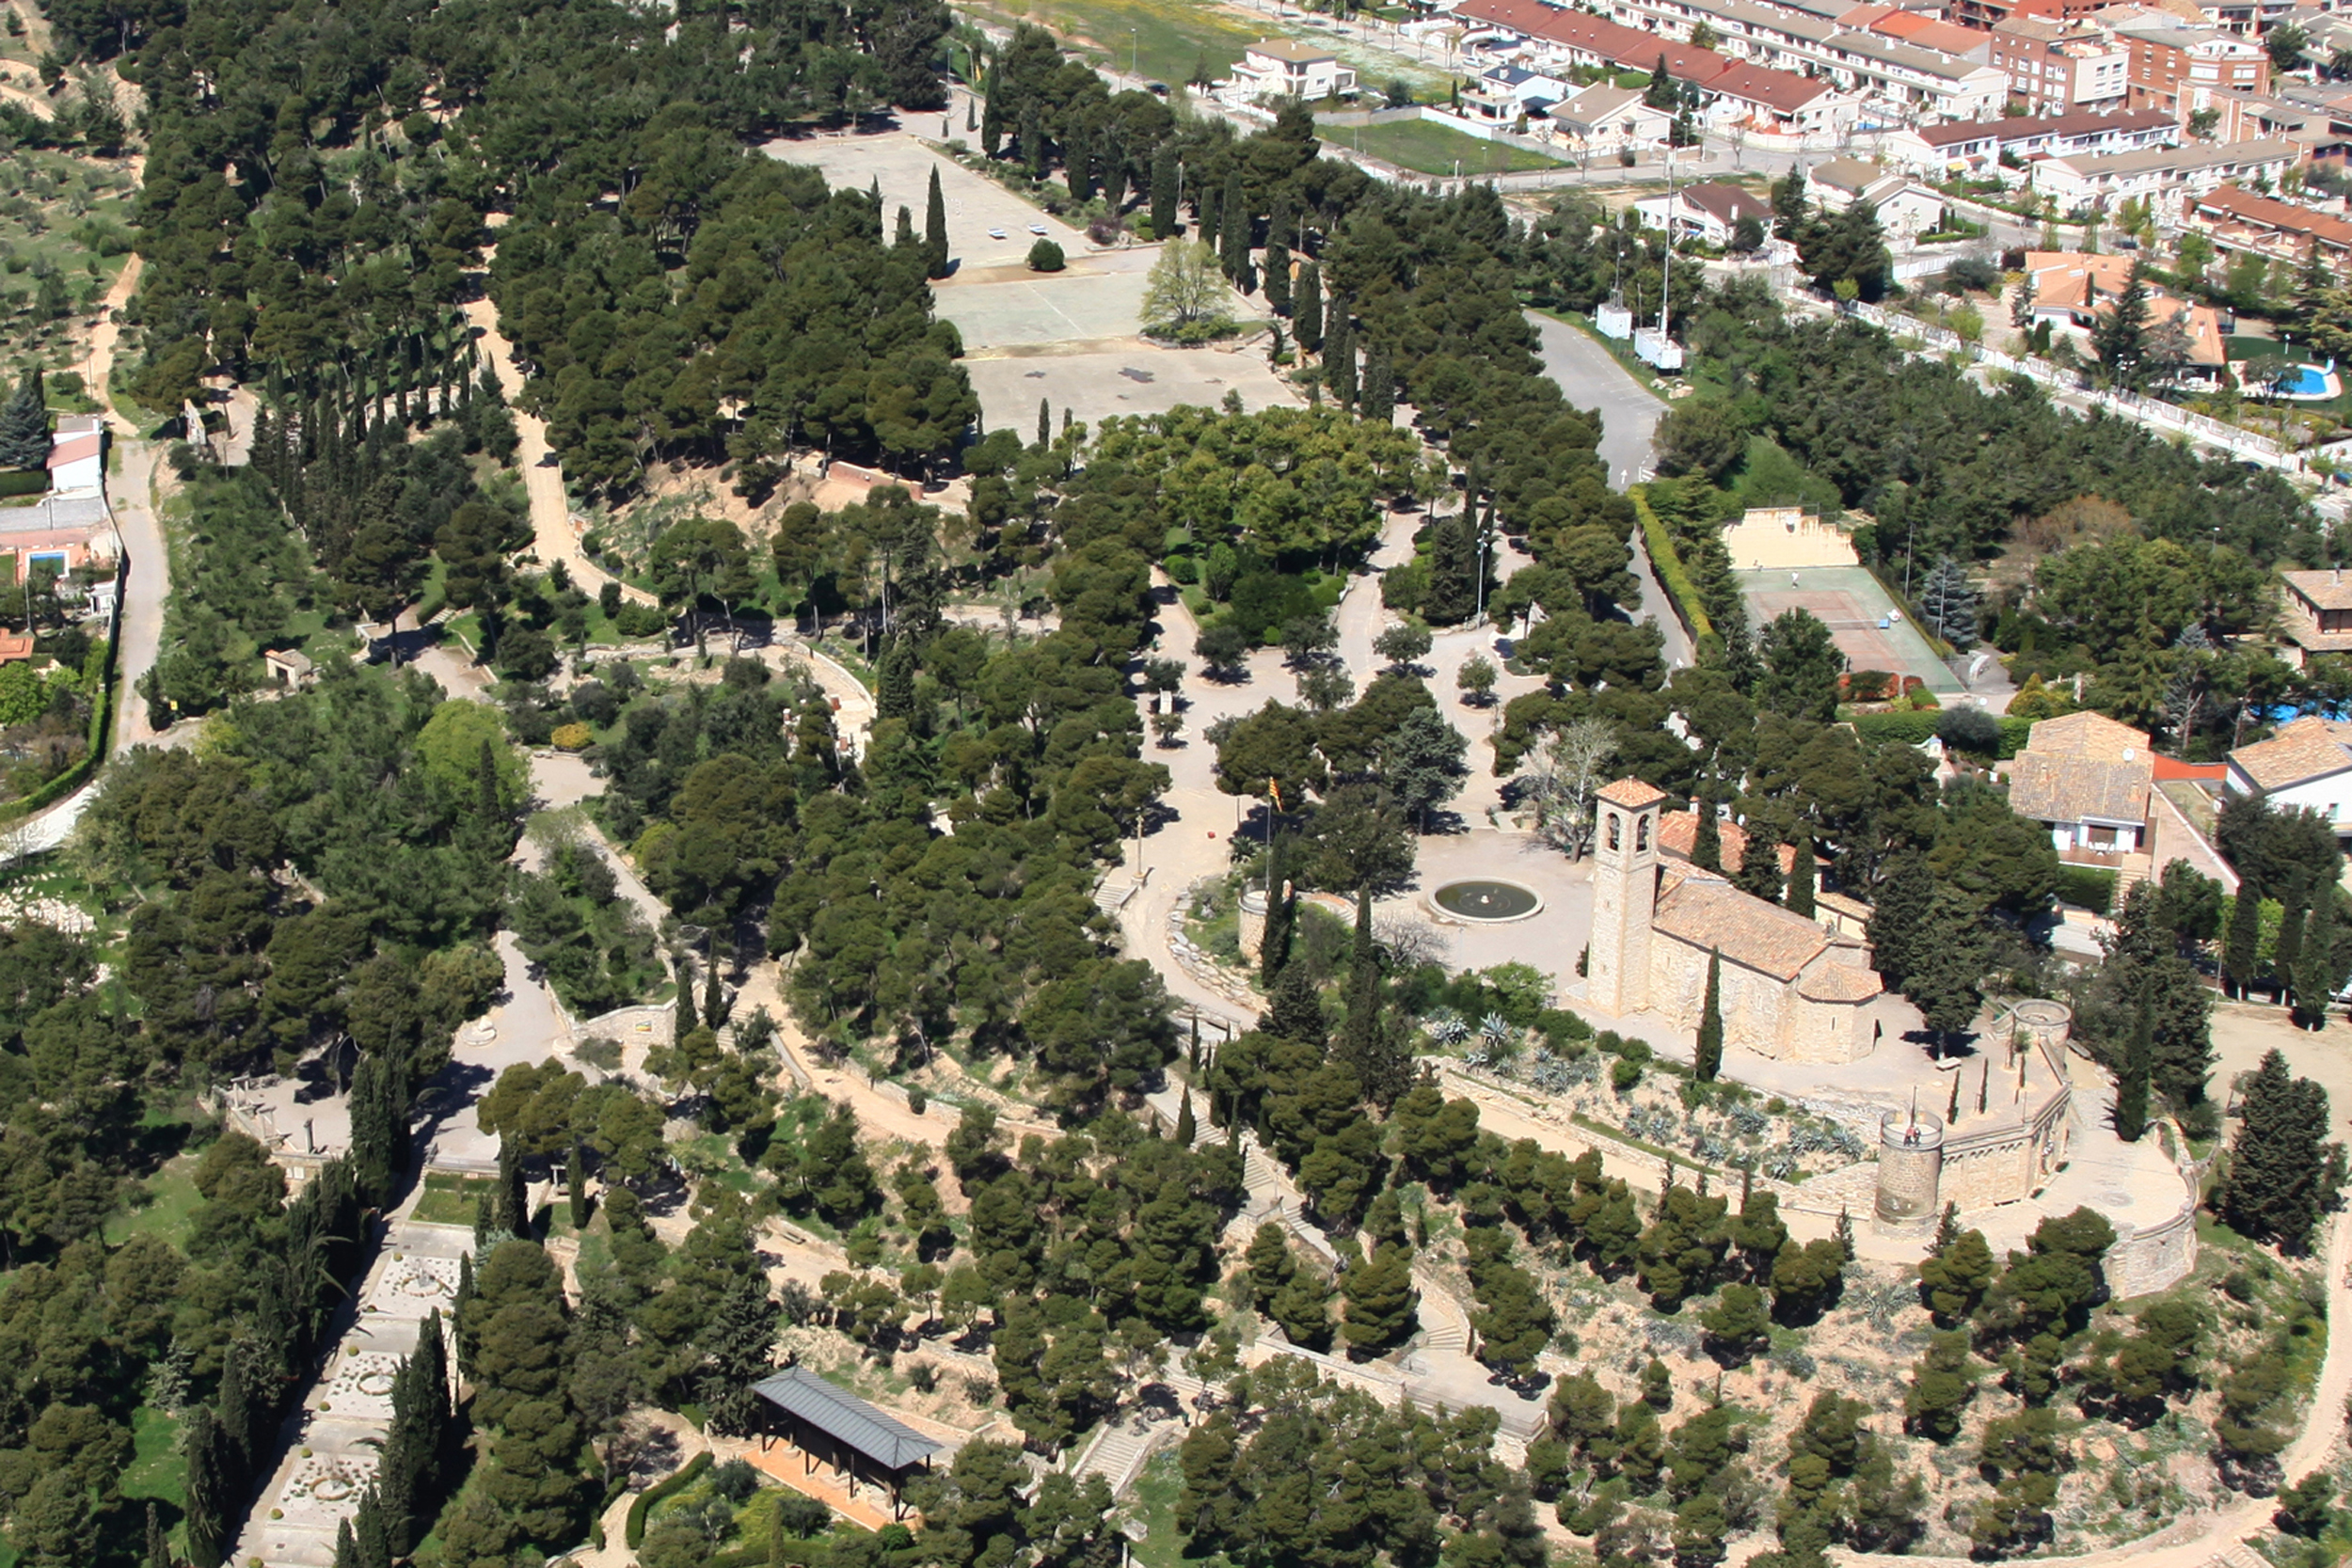 La Festa de l'Arbre de Tàrrega commemorarà aquest diumenge l'arribada de l'aigua de boca a través del Canal d'Urgell